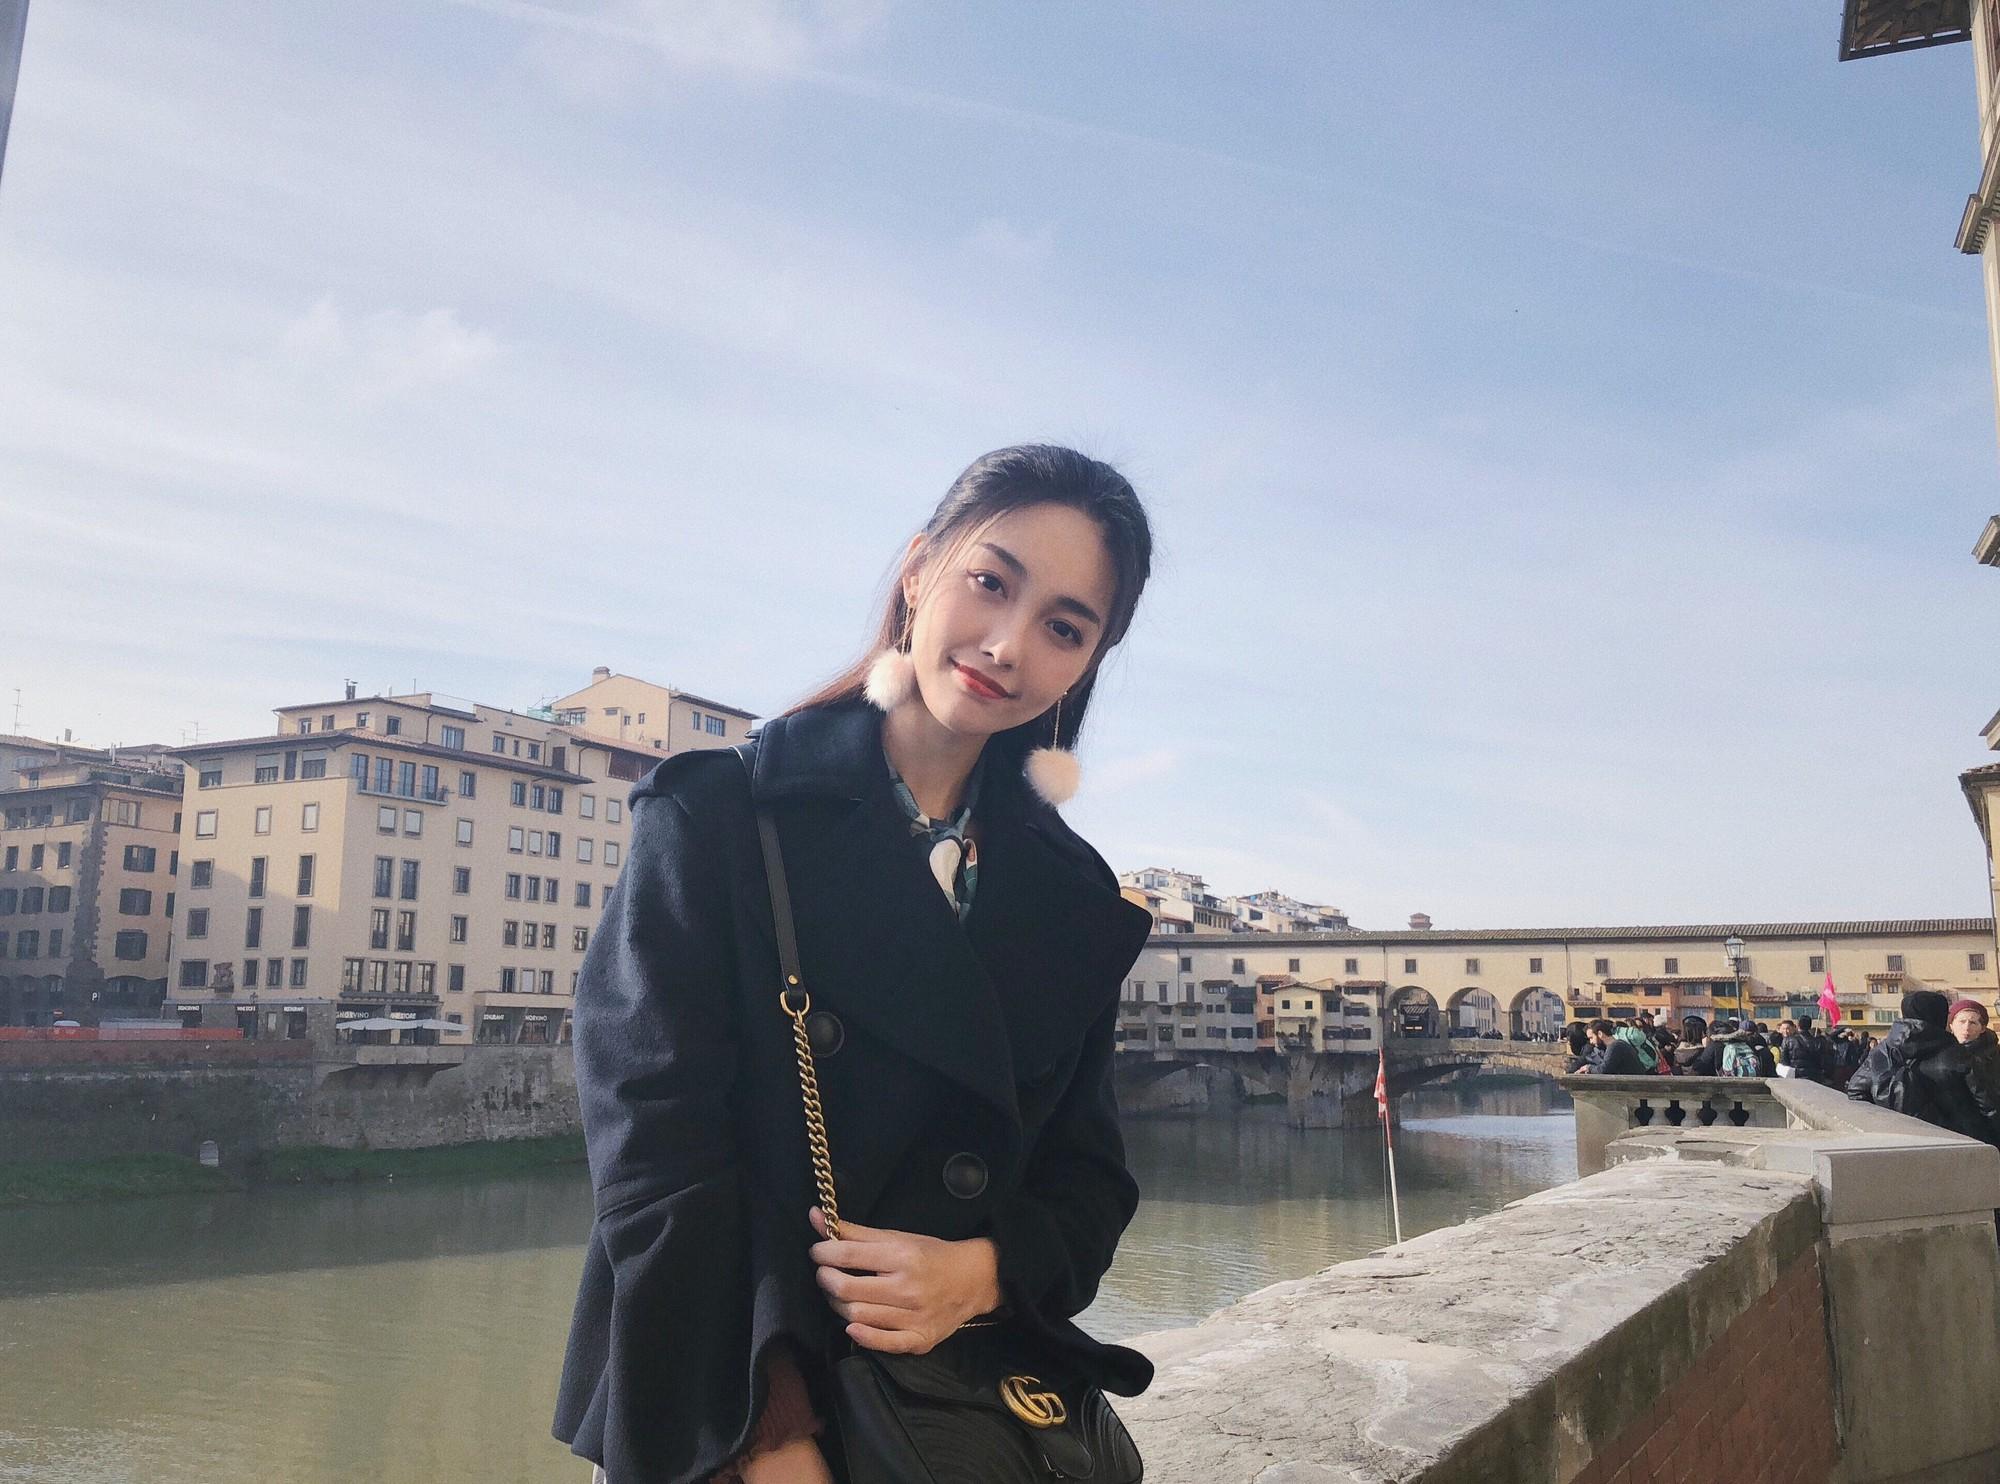 Vẻ đẹp cổ điển của hot girl Trung Quốc thu hút cộng đồng mạng